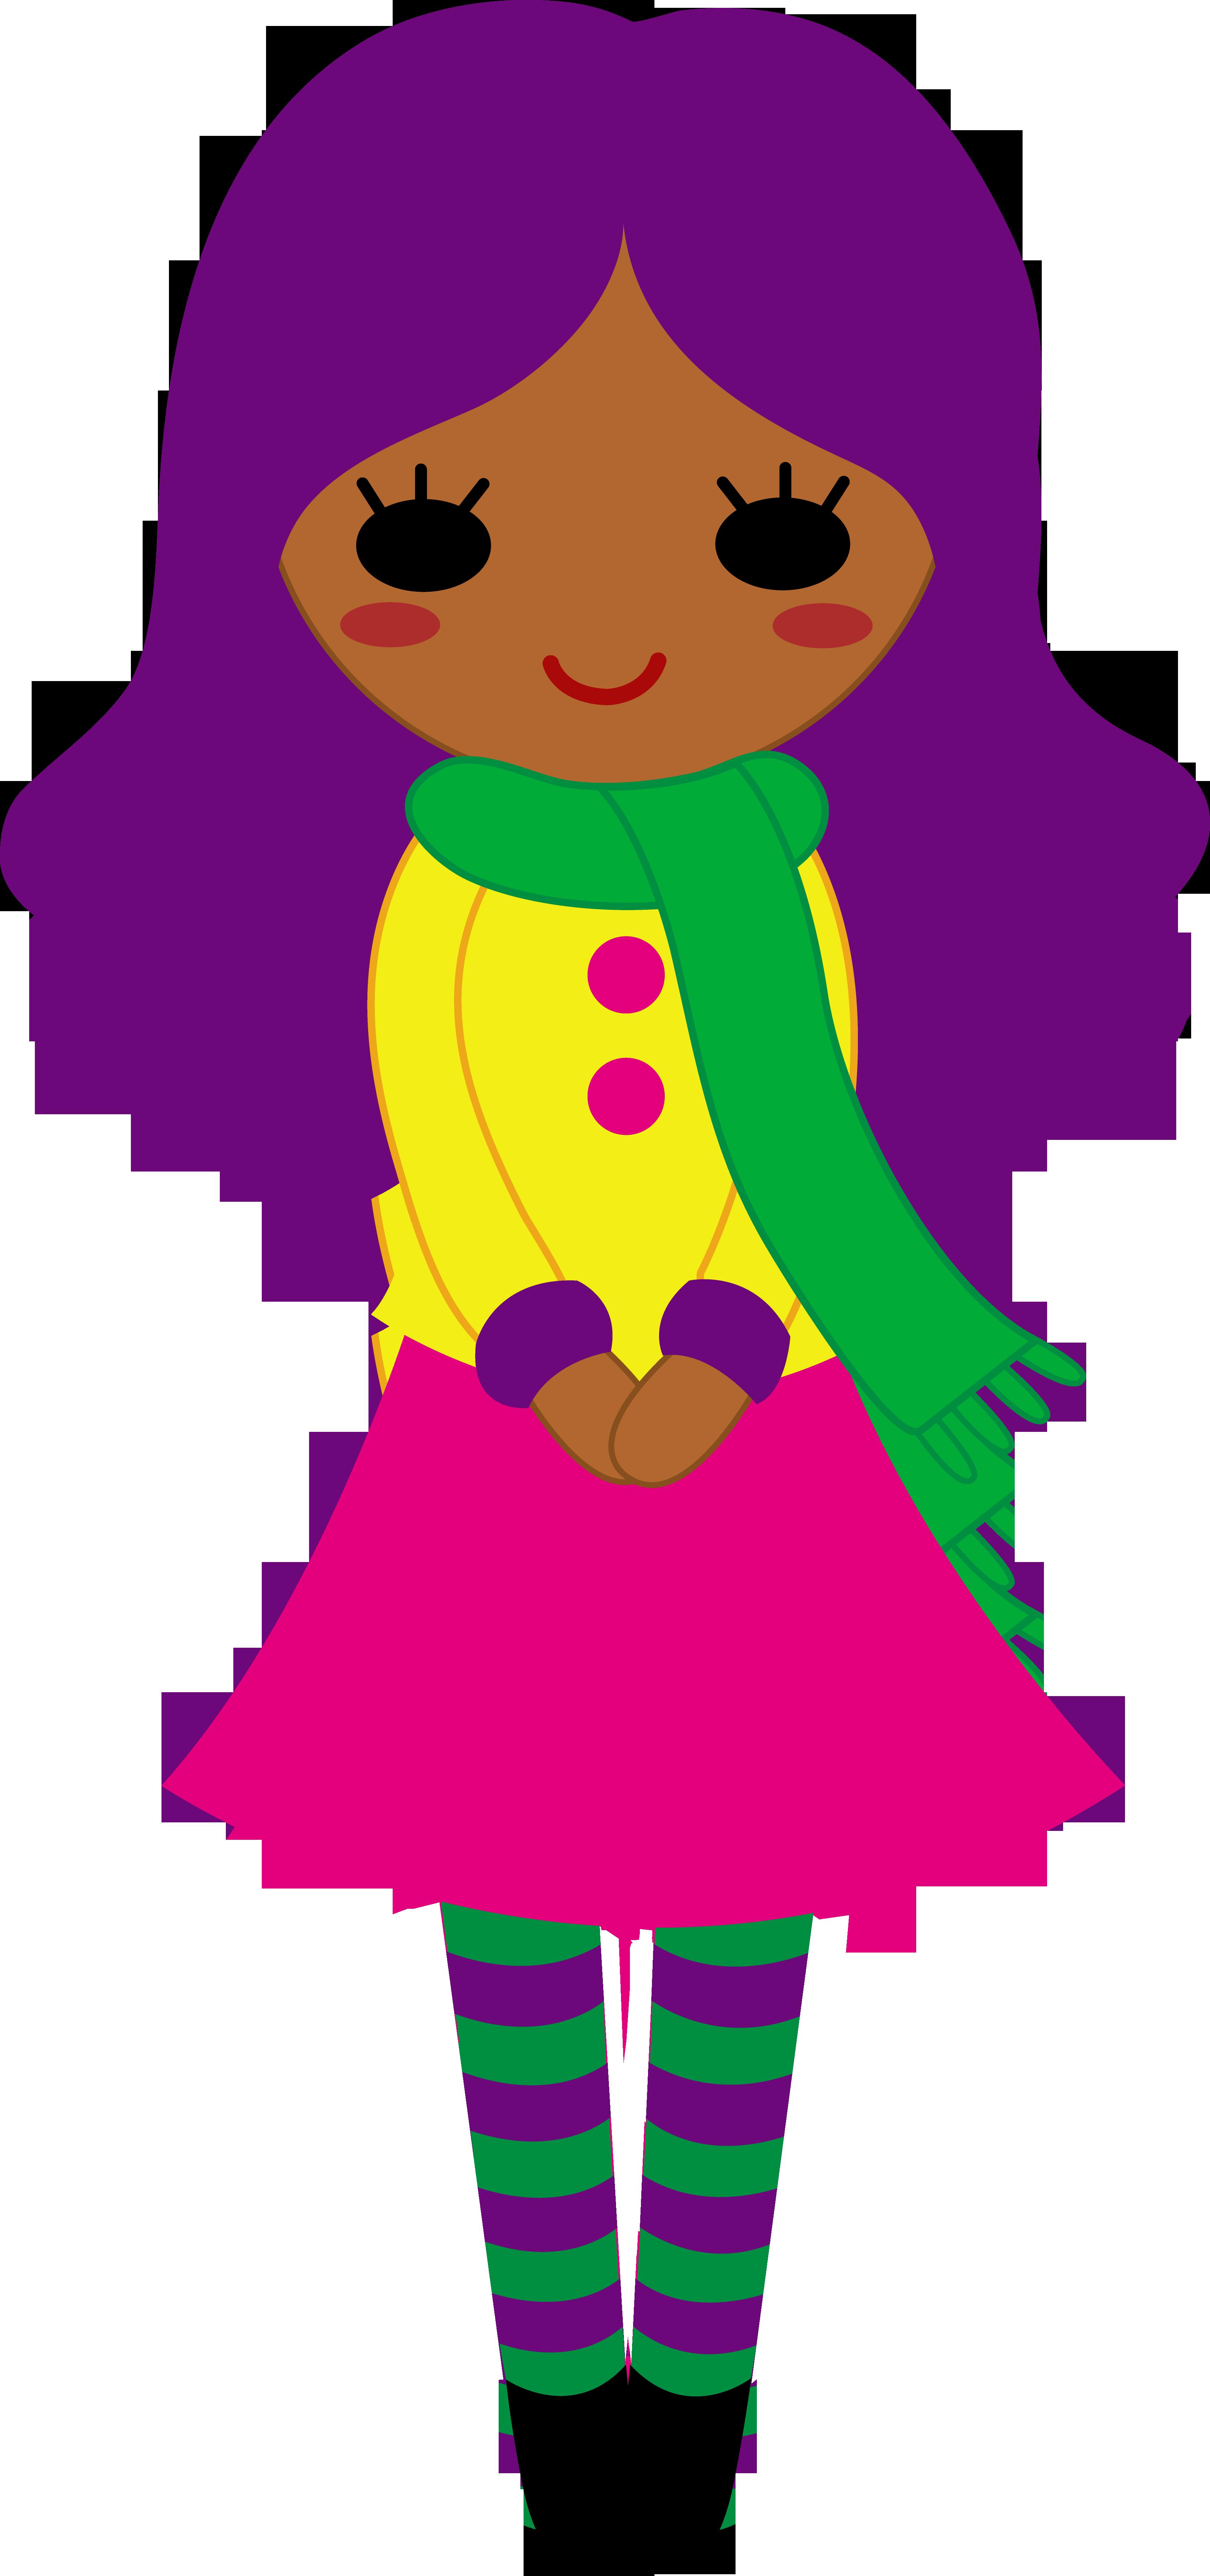 Hair clipart cute Girl Cute Purple With Hair